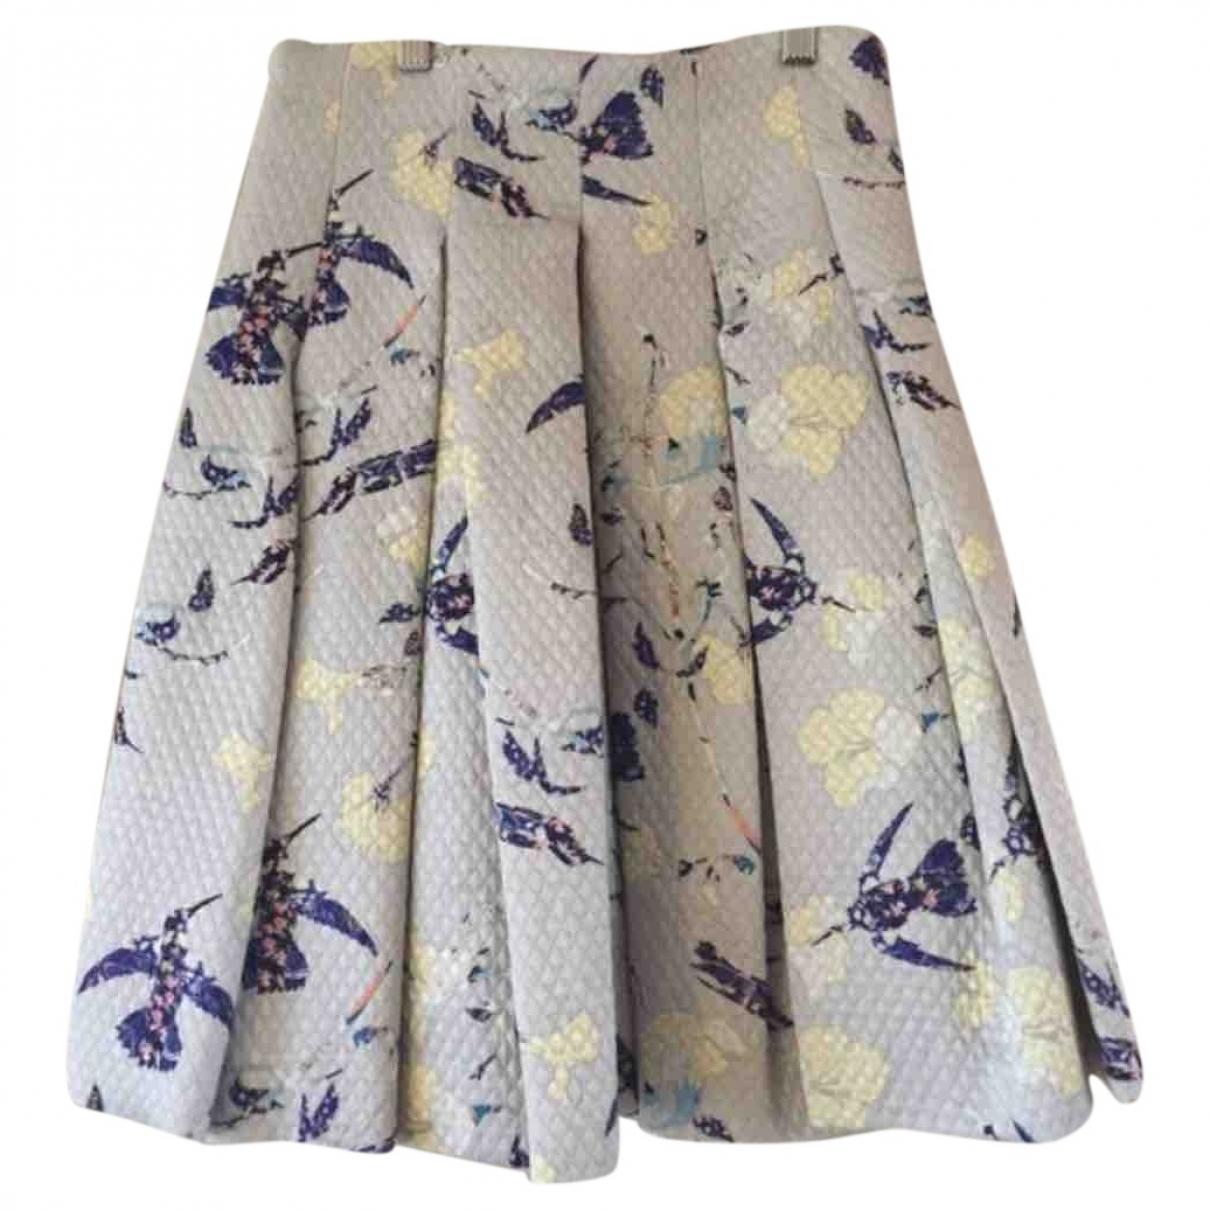 Cacharel \N Blue skirt for Women 36 FR